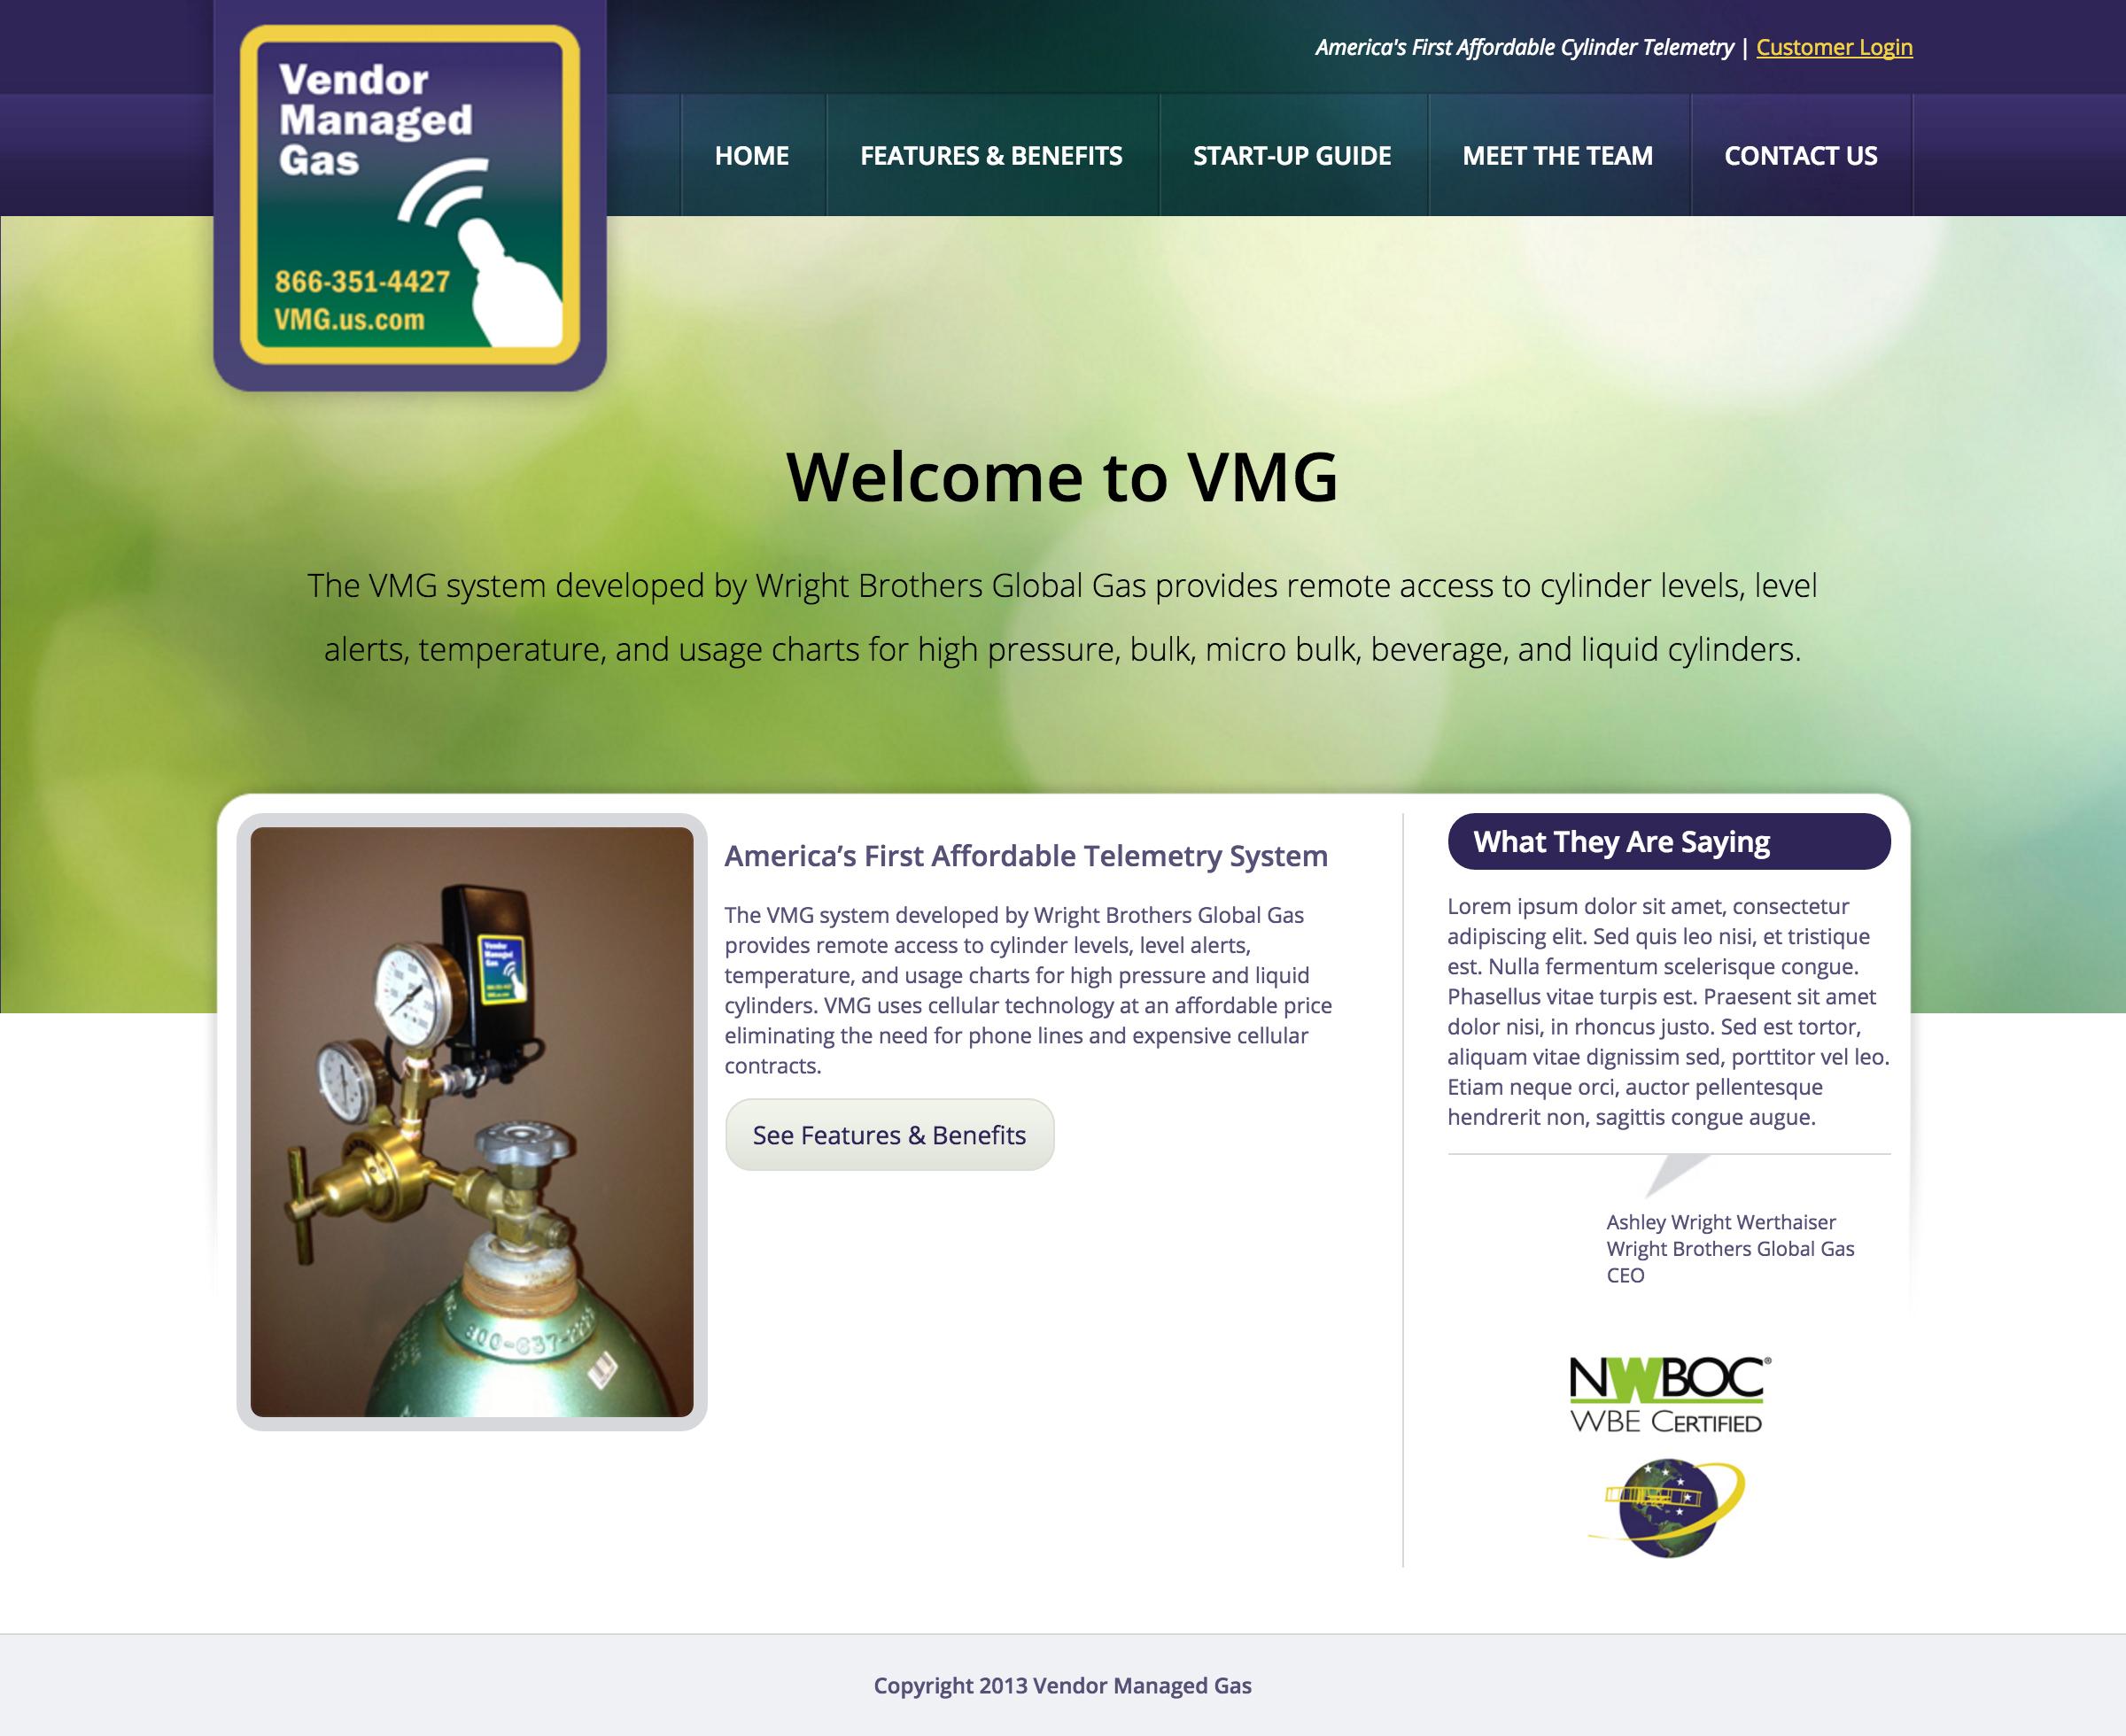 Vendor Managed Gas